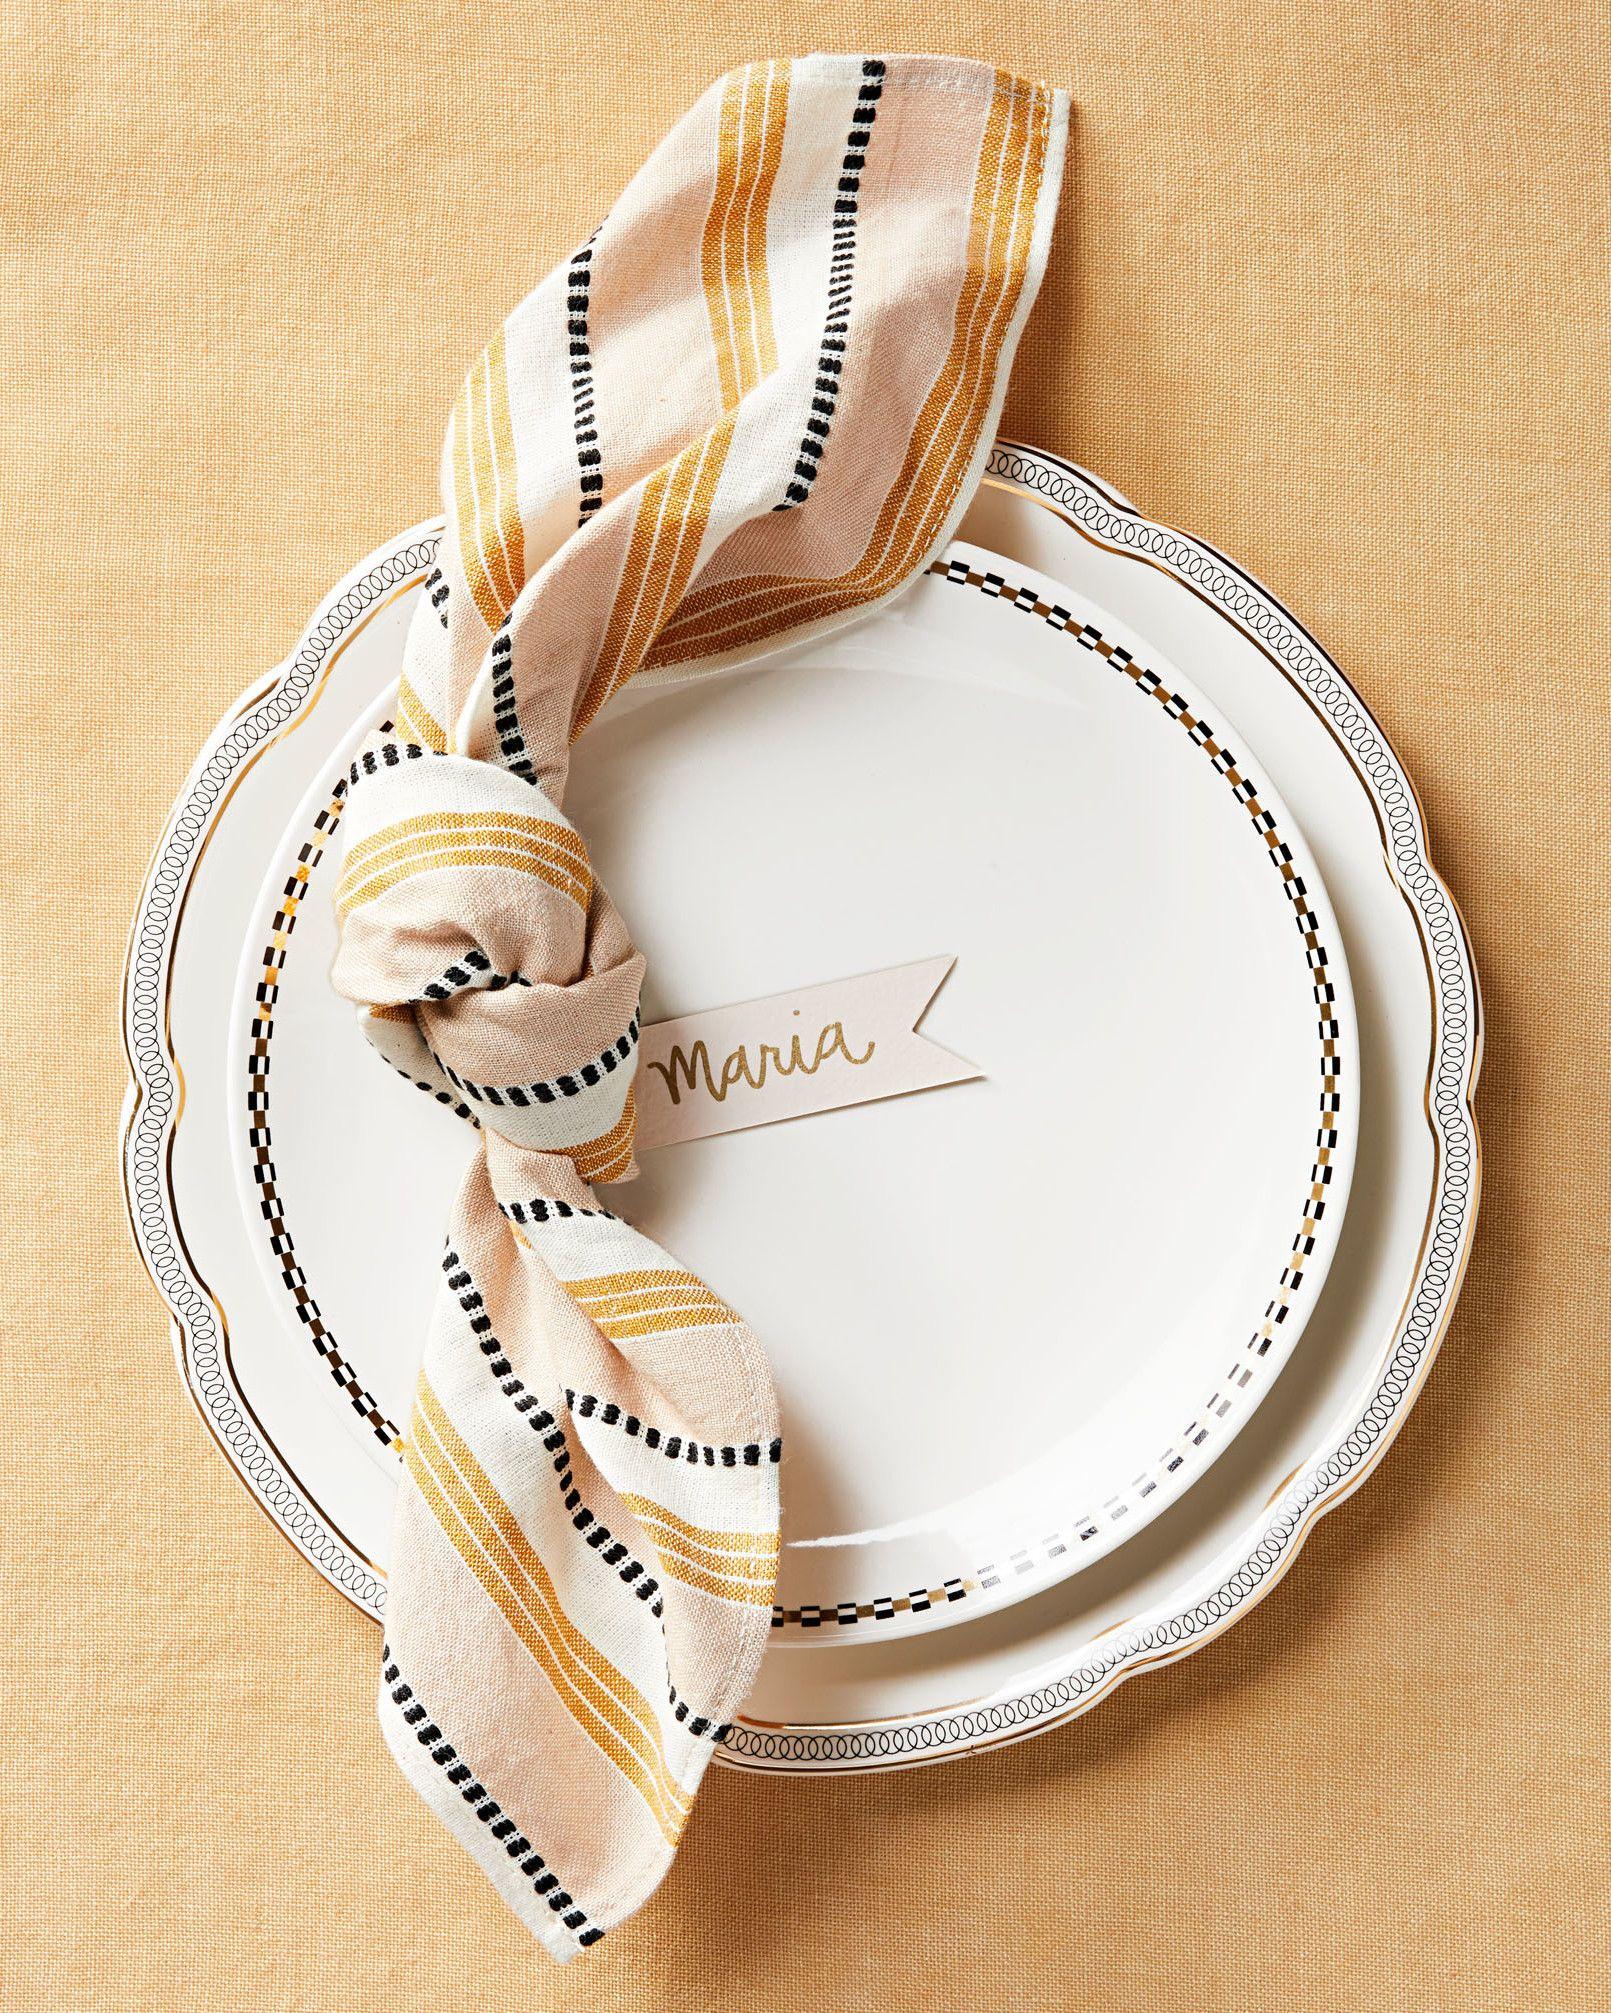 15 Ways to Fold a Napkin Beautifully #foldingnapkins